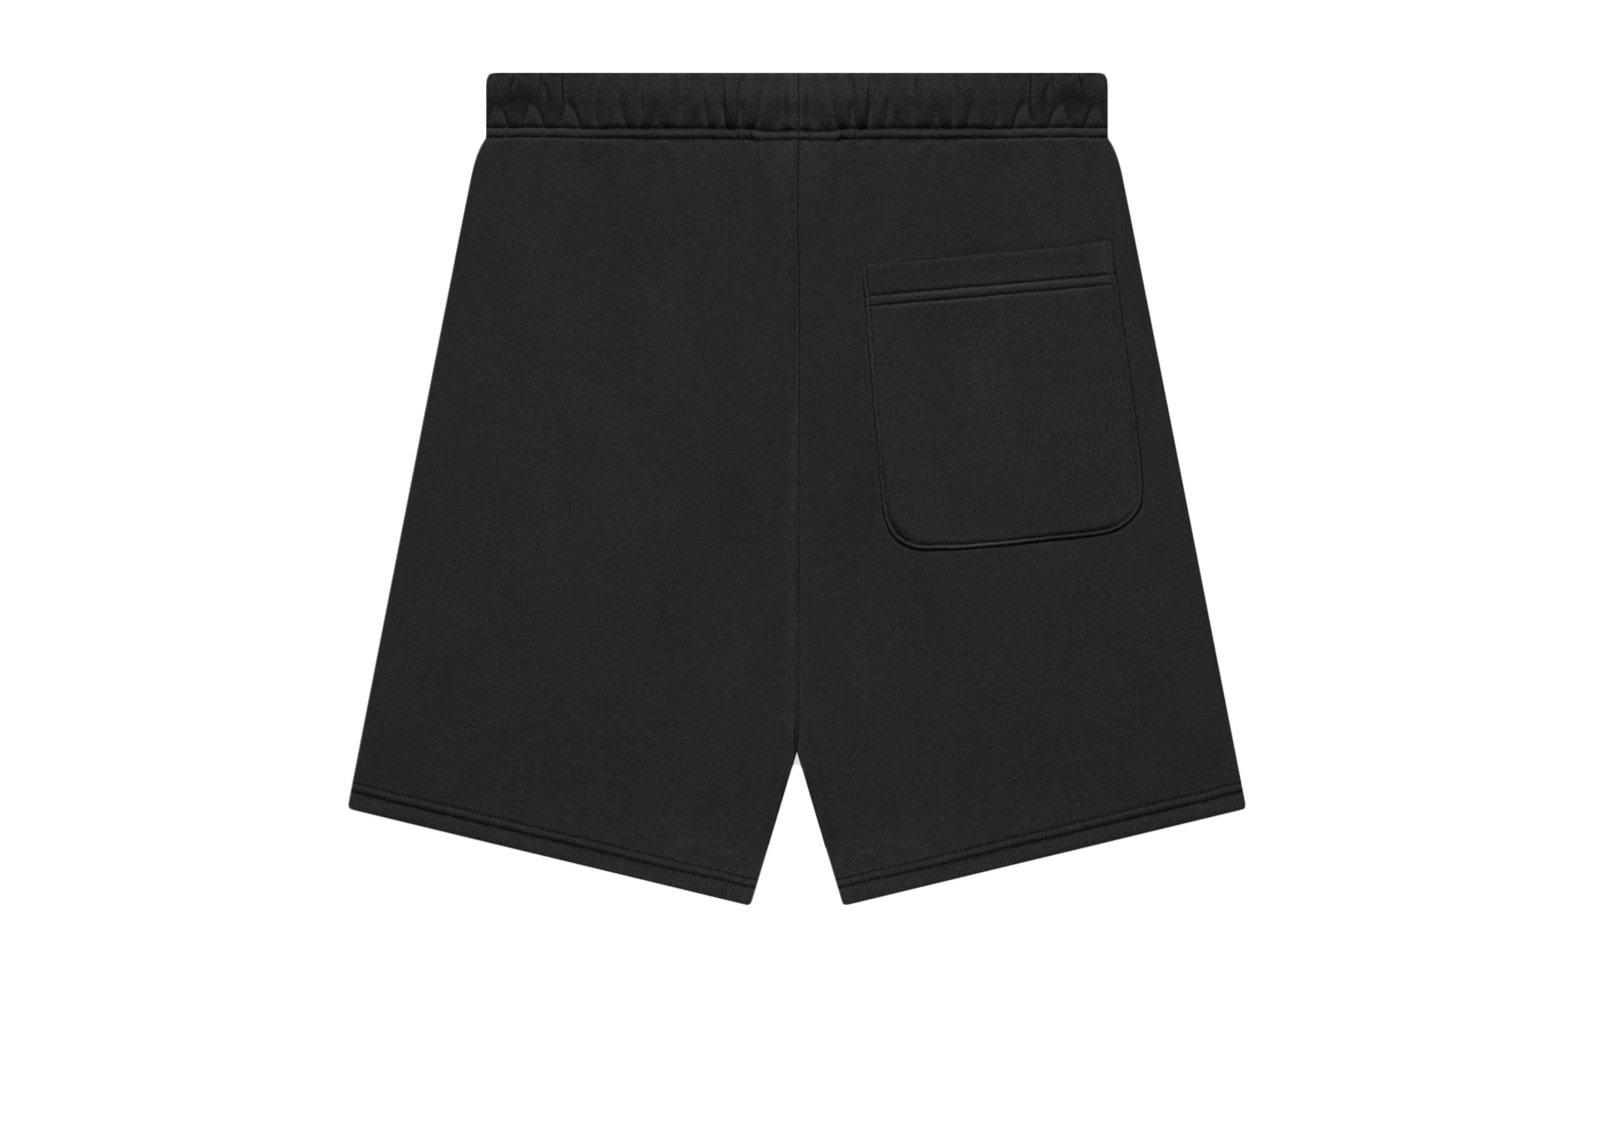 slide 2 - Black Shorts